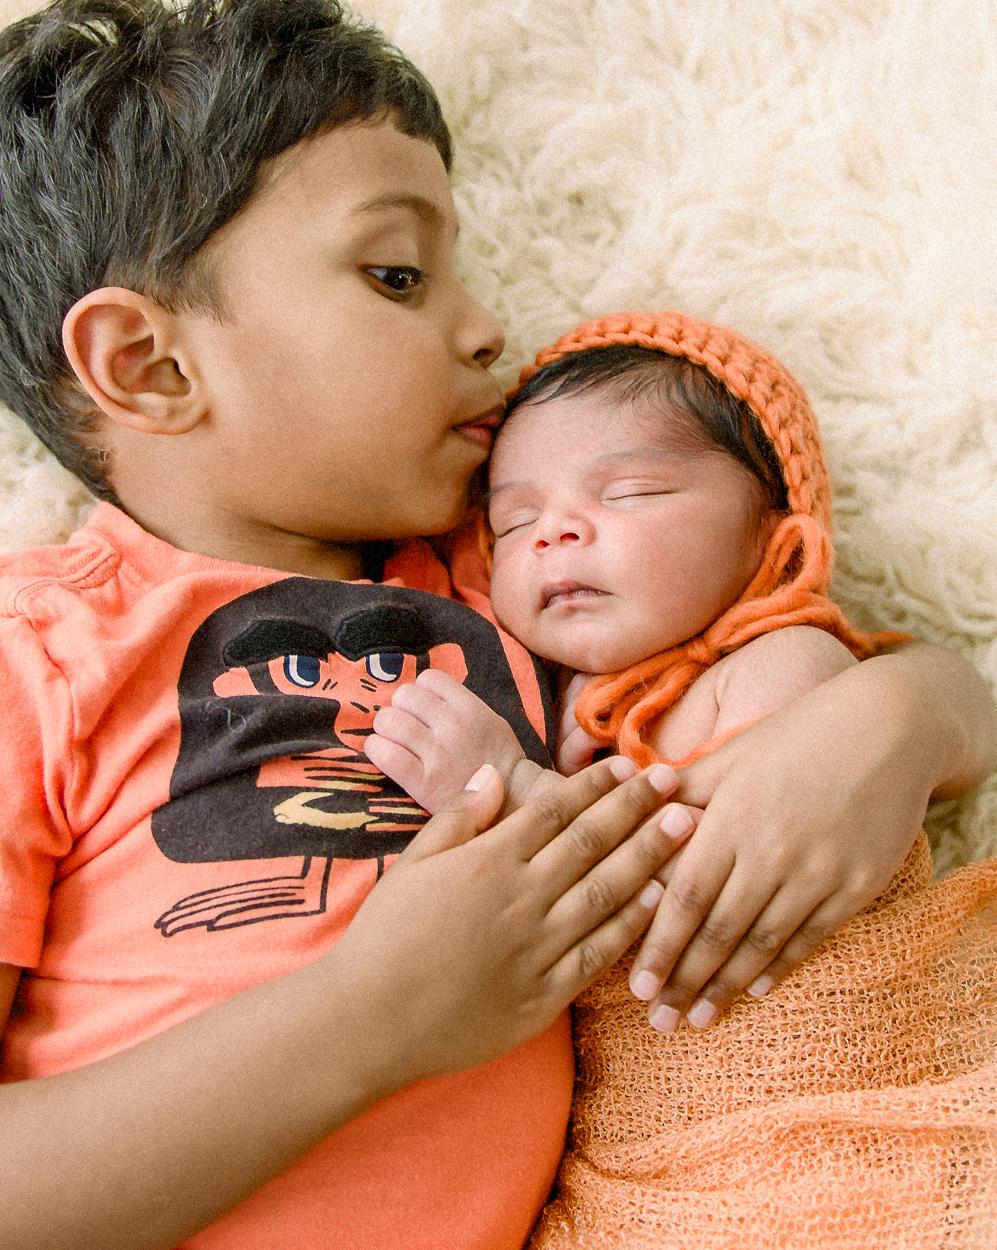 newborn_virginiaphotographer_fredericksburgnewborn_Richmondnewborn_youseephotography_babyboyA (15).JPG